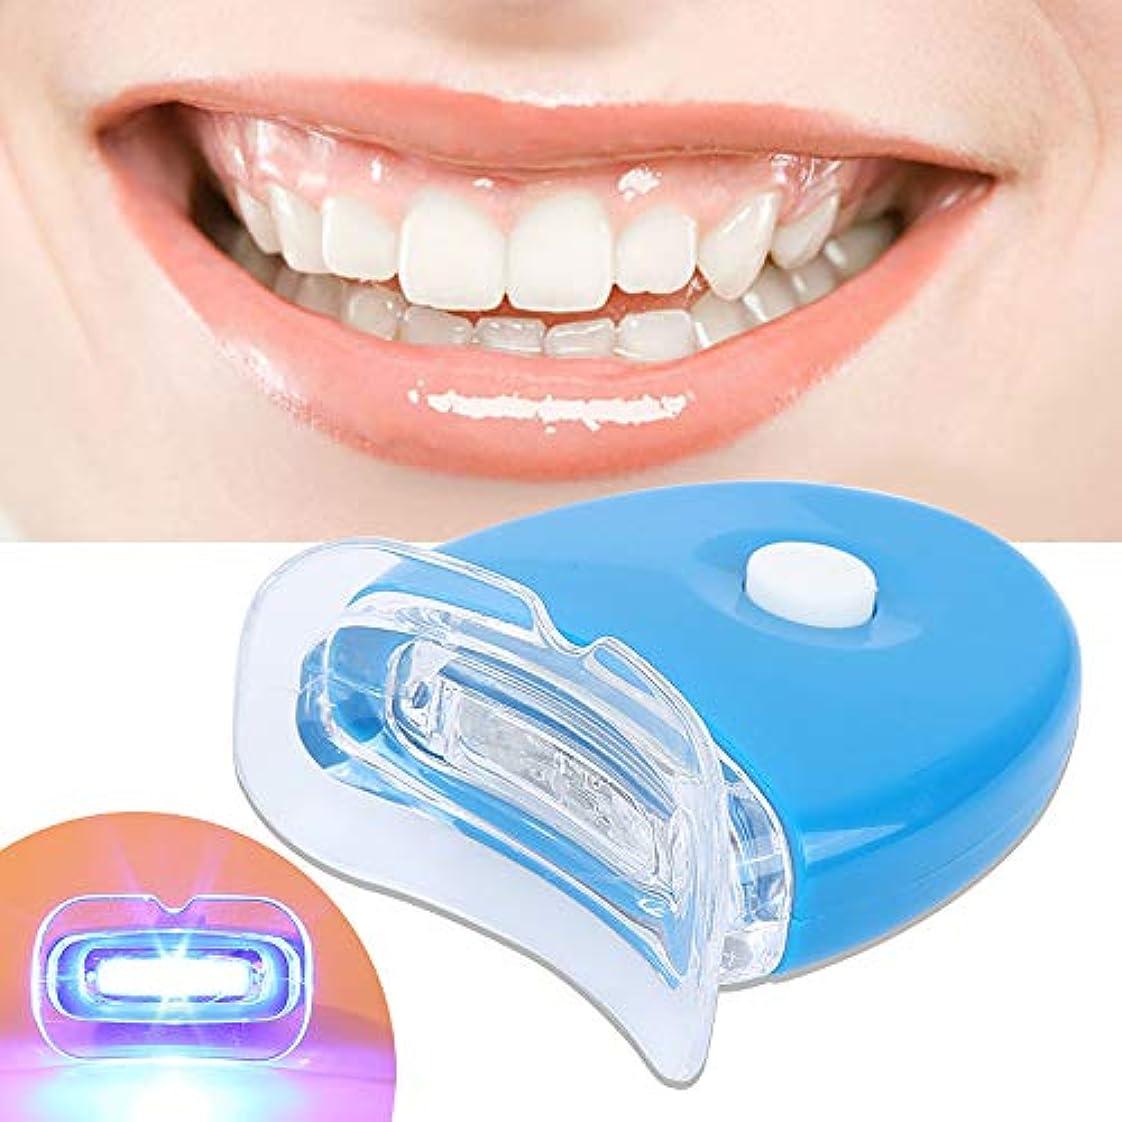 限界スラム街現在電気歯石は導かれた軽い取り外しのコーヒー汚れと白くなる歯を取除きます